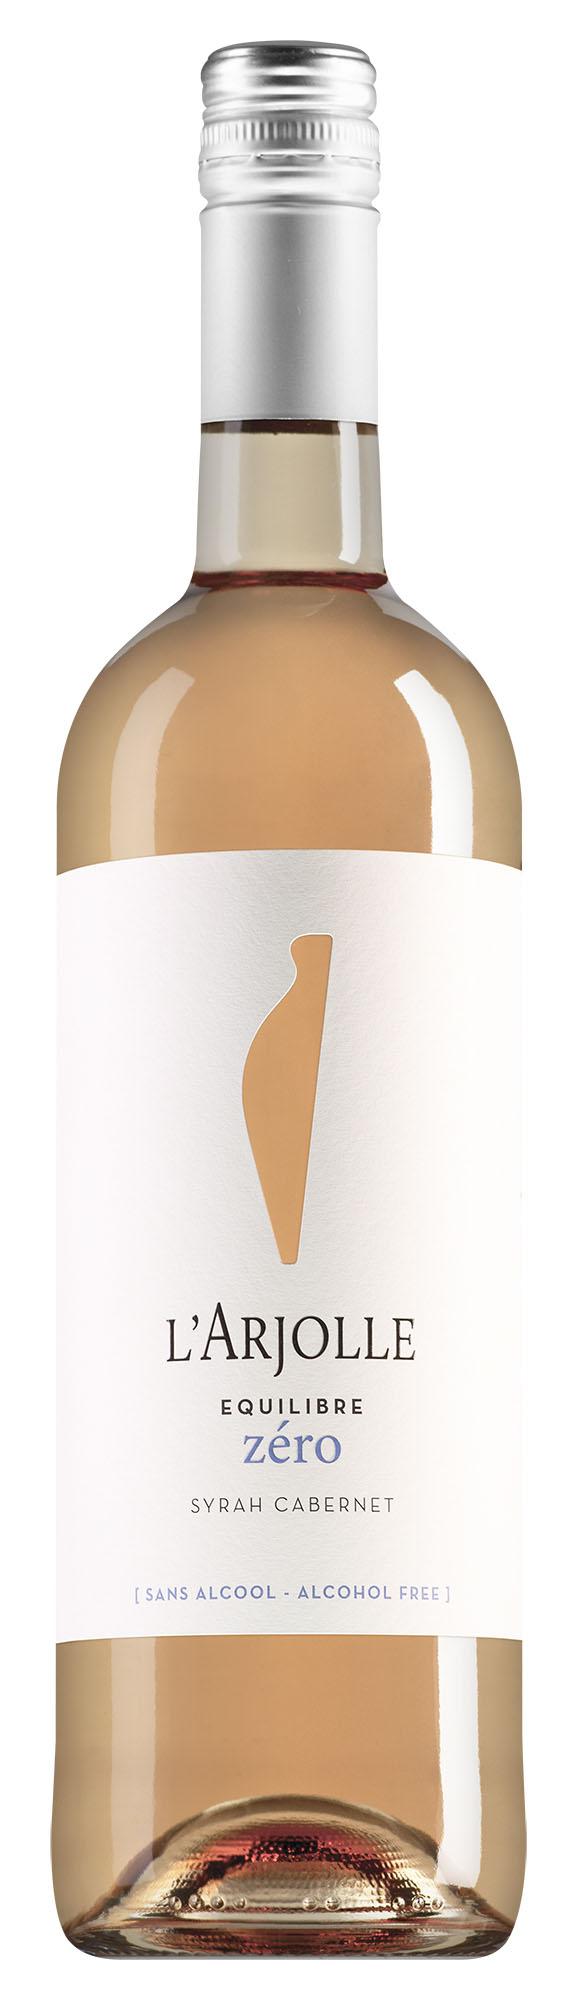 L'Arjolle Côtes de Thongue Equilibre Zéro Syrah-Cabernet Rosé alcoholvrij